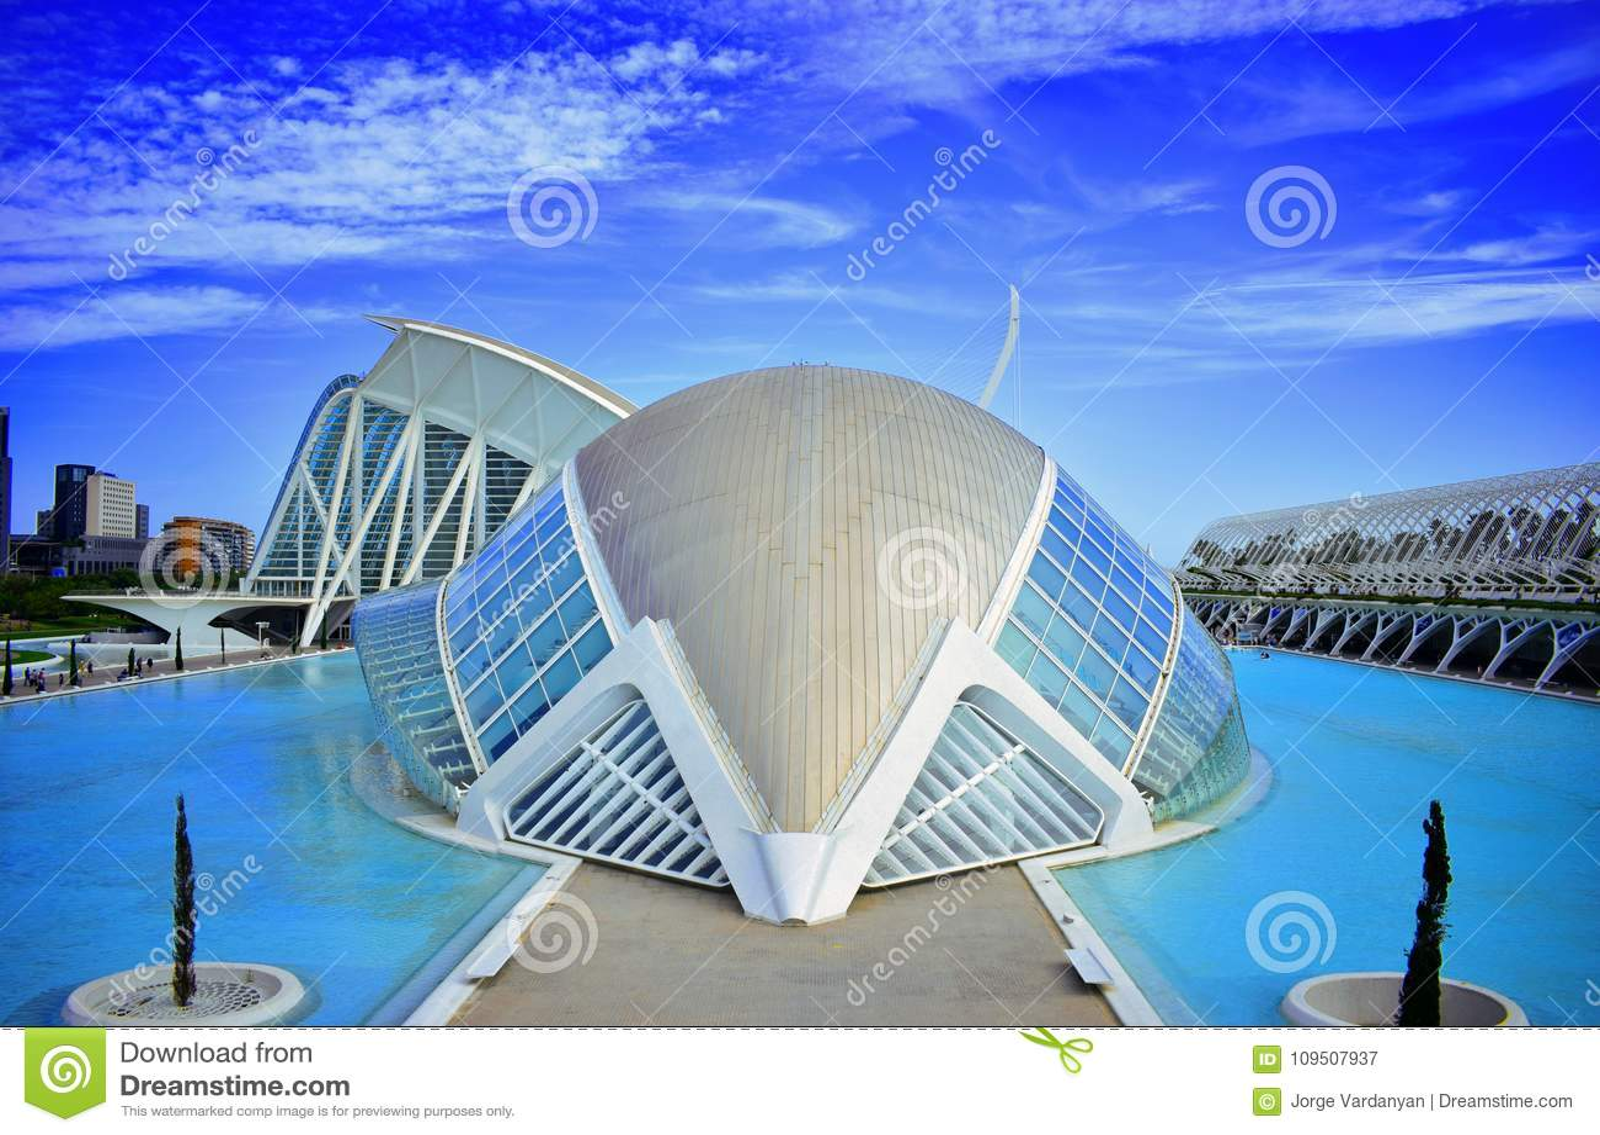 Ισπανία, η νέα Βαλένθια, Σαντιάγο Calatrava, πόλη των επιστημών και των τεχνών, hemisferic, τέχνη, νέα αρχιτεκτονική